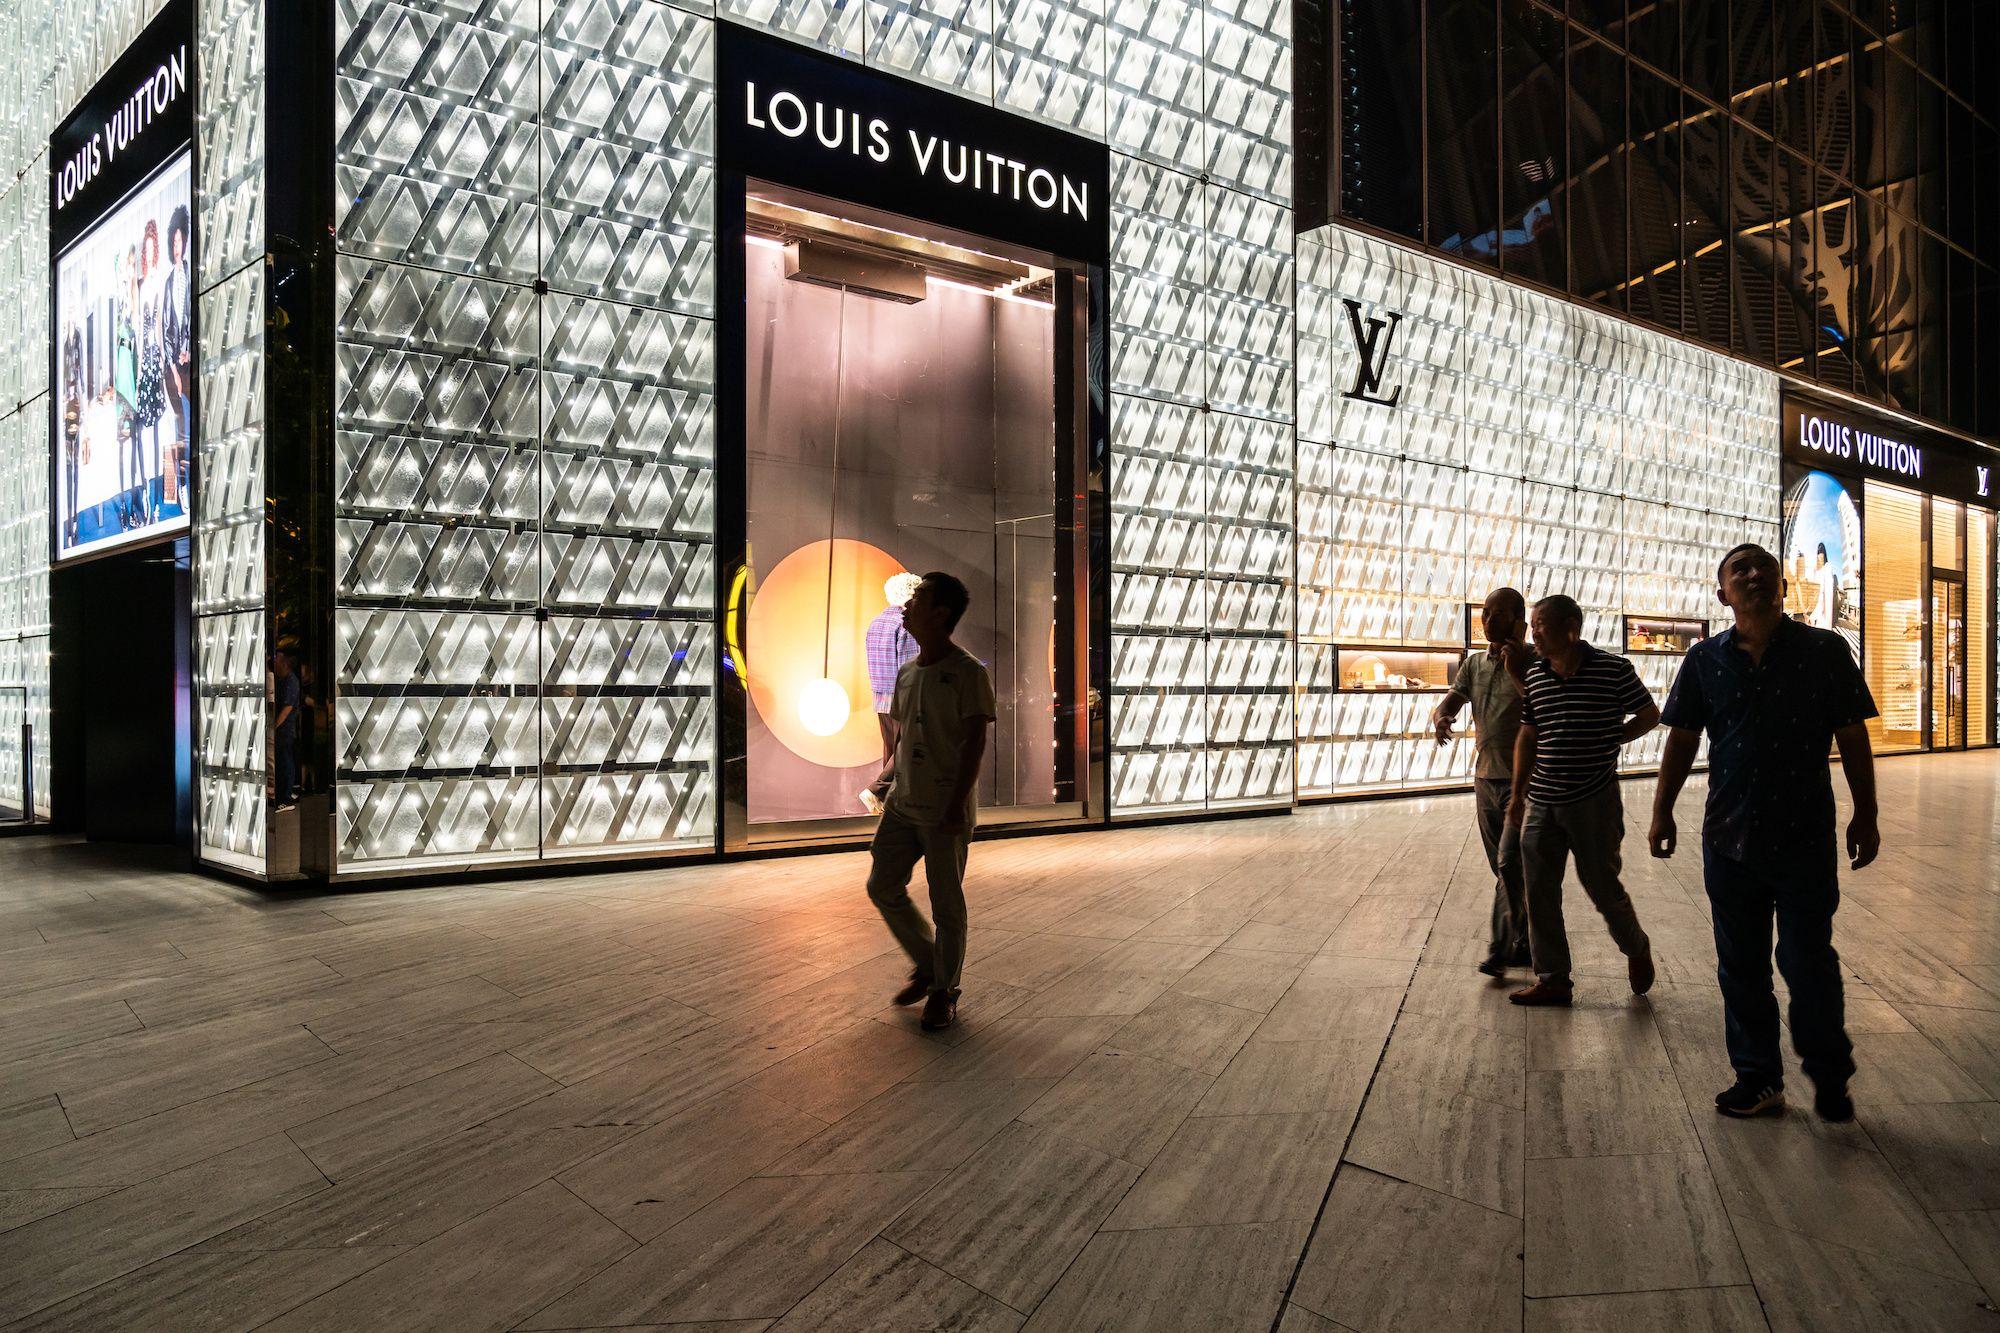 報復性消費確有其事! Louis Vuitton上海旗艦店八月創下歷史新高,單店銷售額衝上台幣6.5億